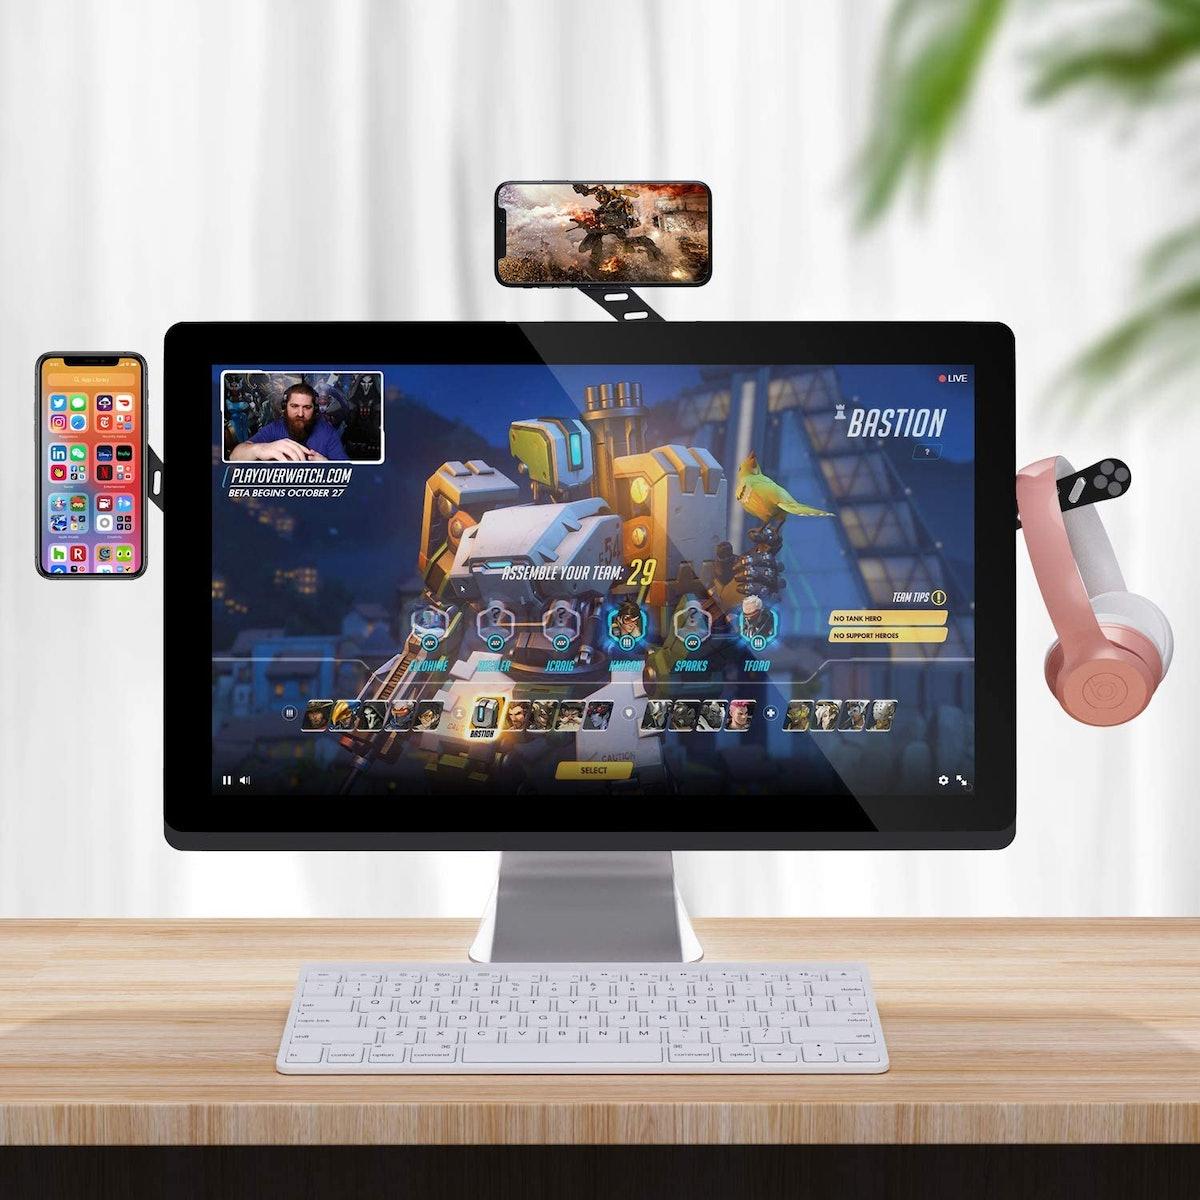 DK177 Adjustable Laptop Phone Holder